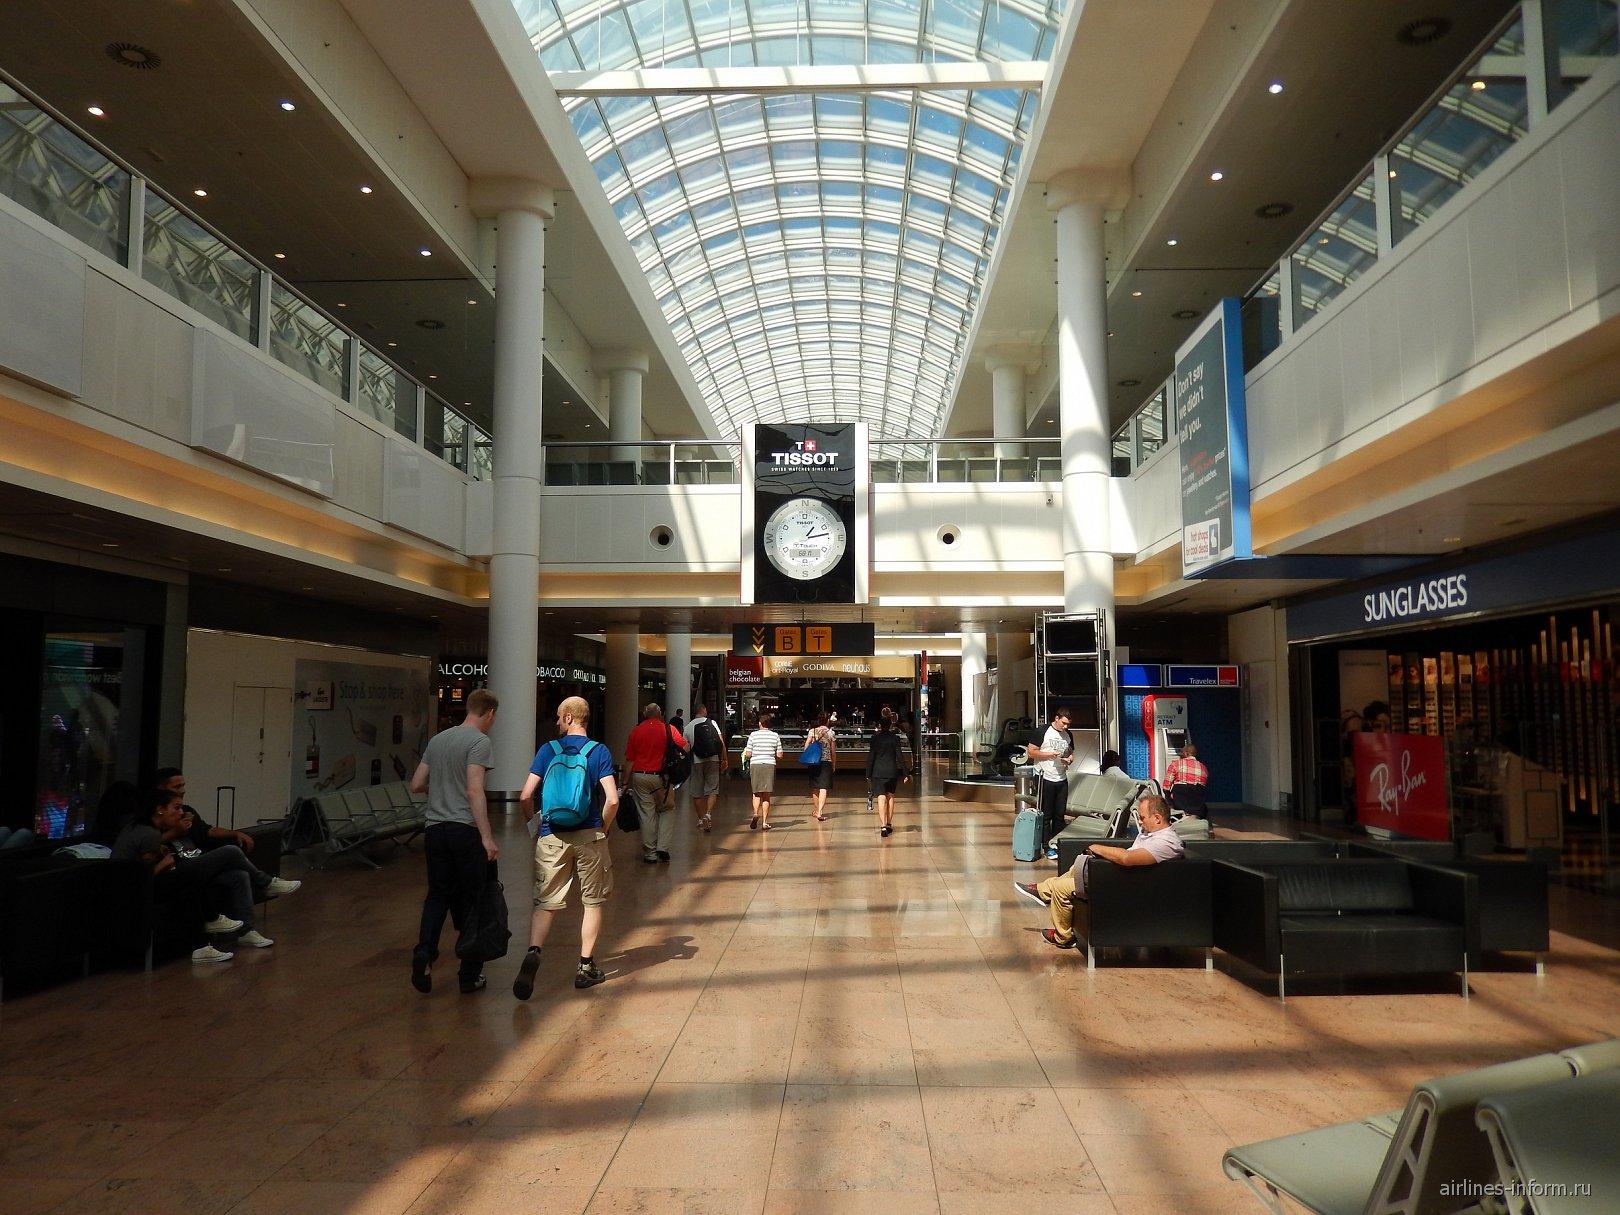 Галерея магазинов в чистой зоне аэропорта Брюссель